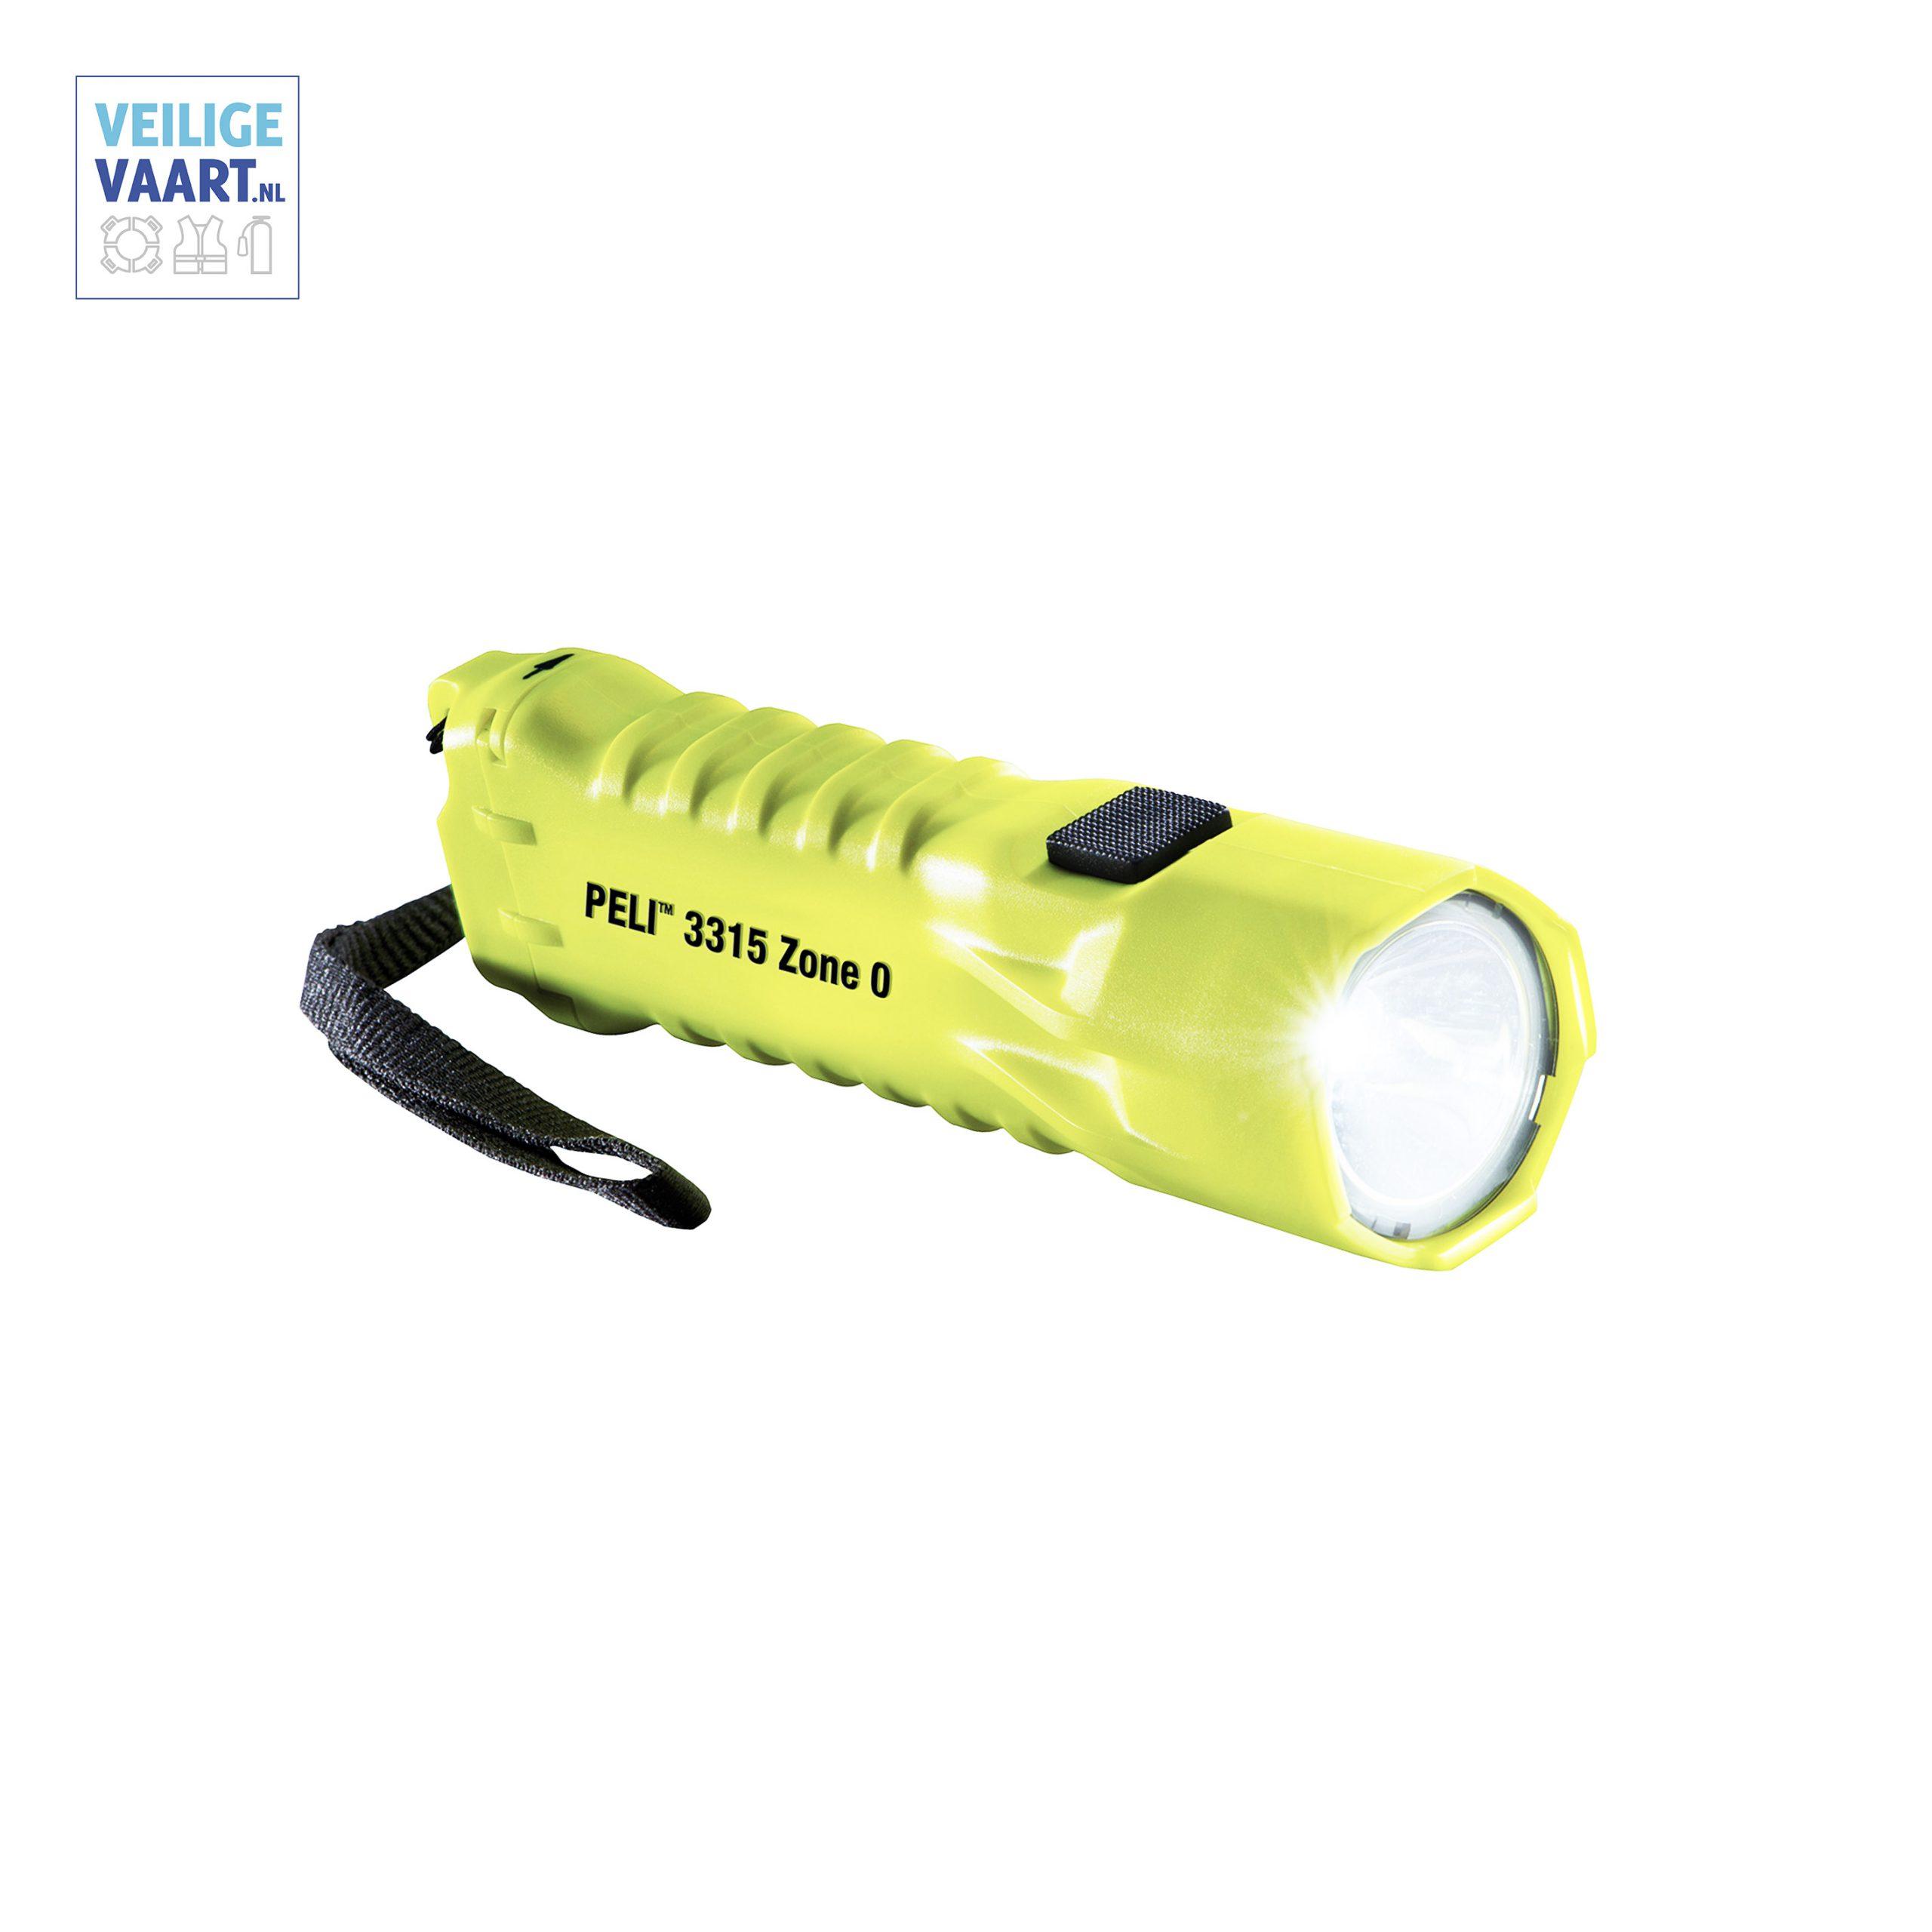 Peli 3315Z0 LED zaklamp, Waterdichte zaklantaarn